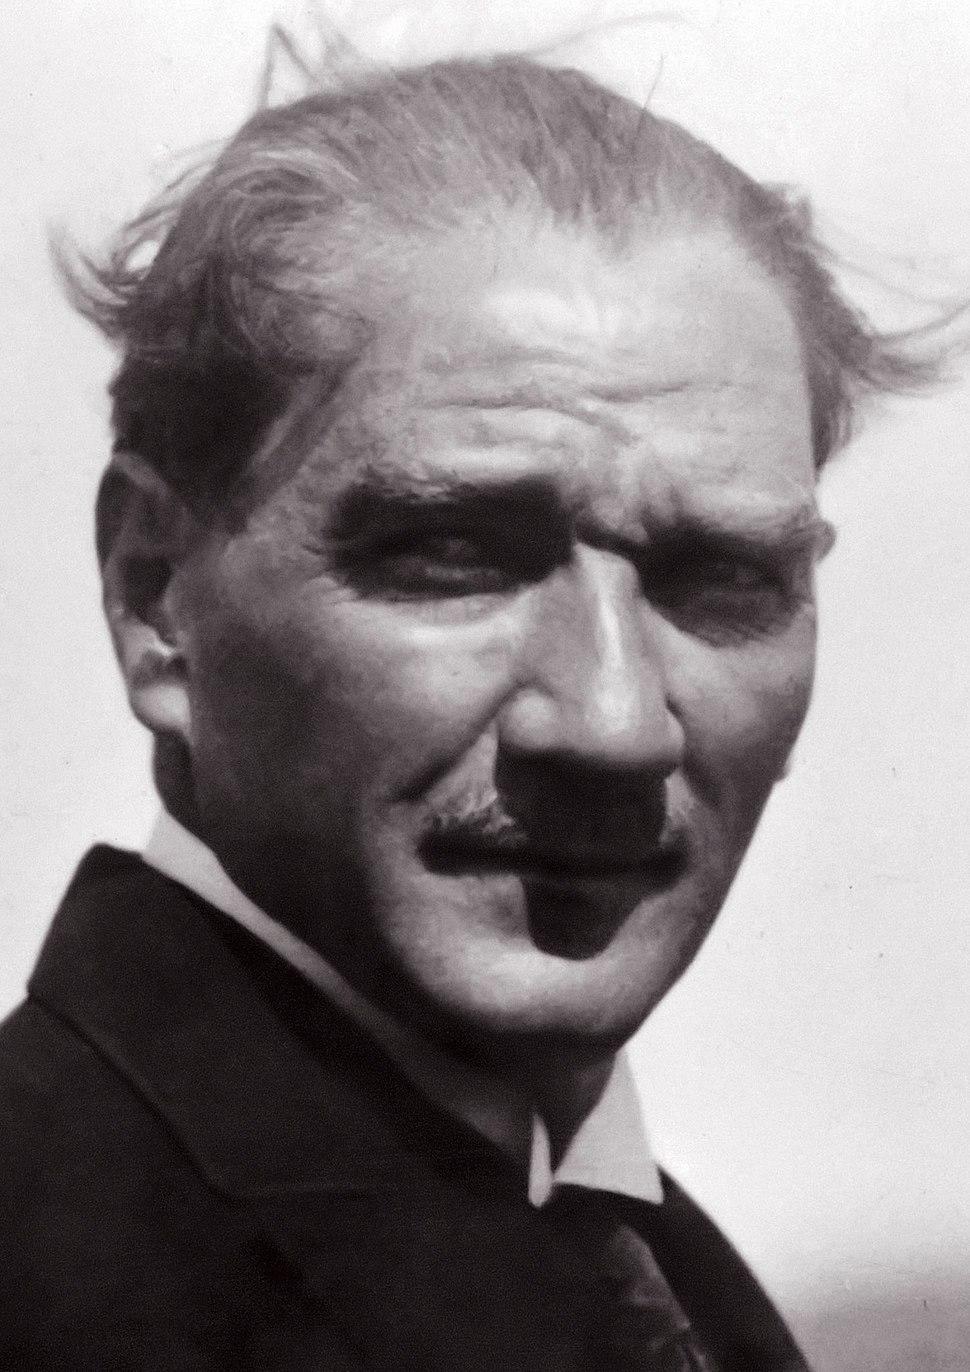 Atatürk 23 Eylül 1925'te Reşit Paşa Gemisi'nde